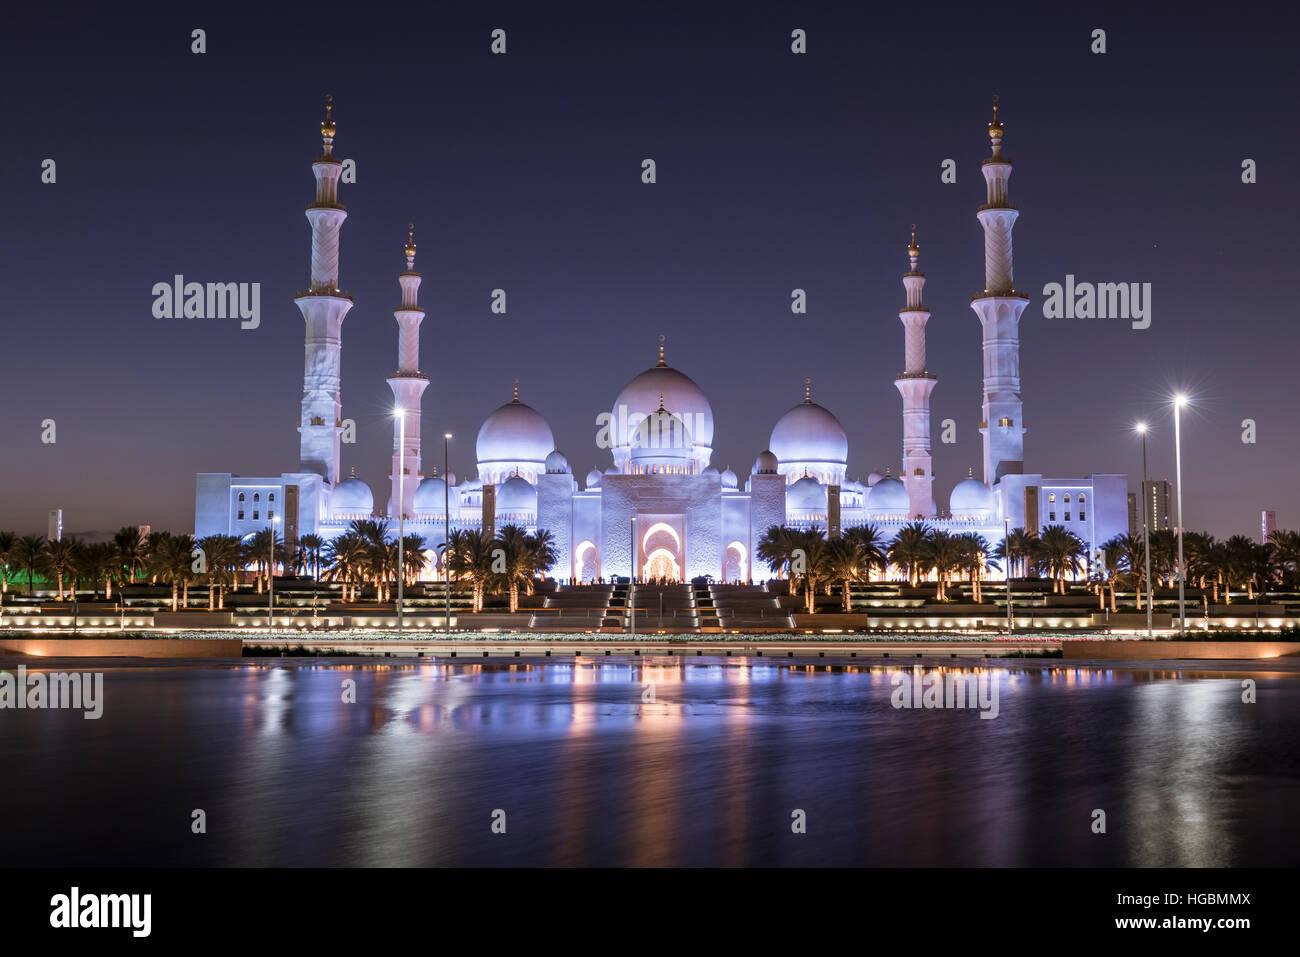 Puesta de sol sobre la Gran Mezquita de Sheikh Zayed, en Abu Dhabi, Emiratos Árabes Unidos. Mezquita es construida Imagen De Stock